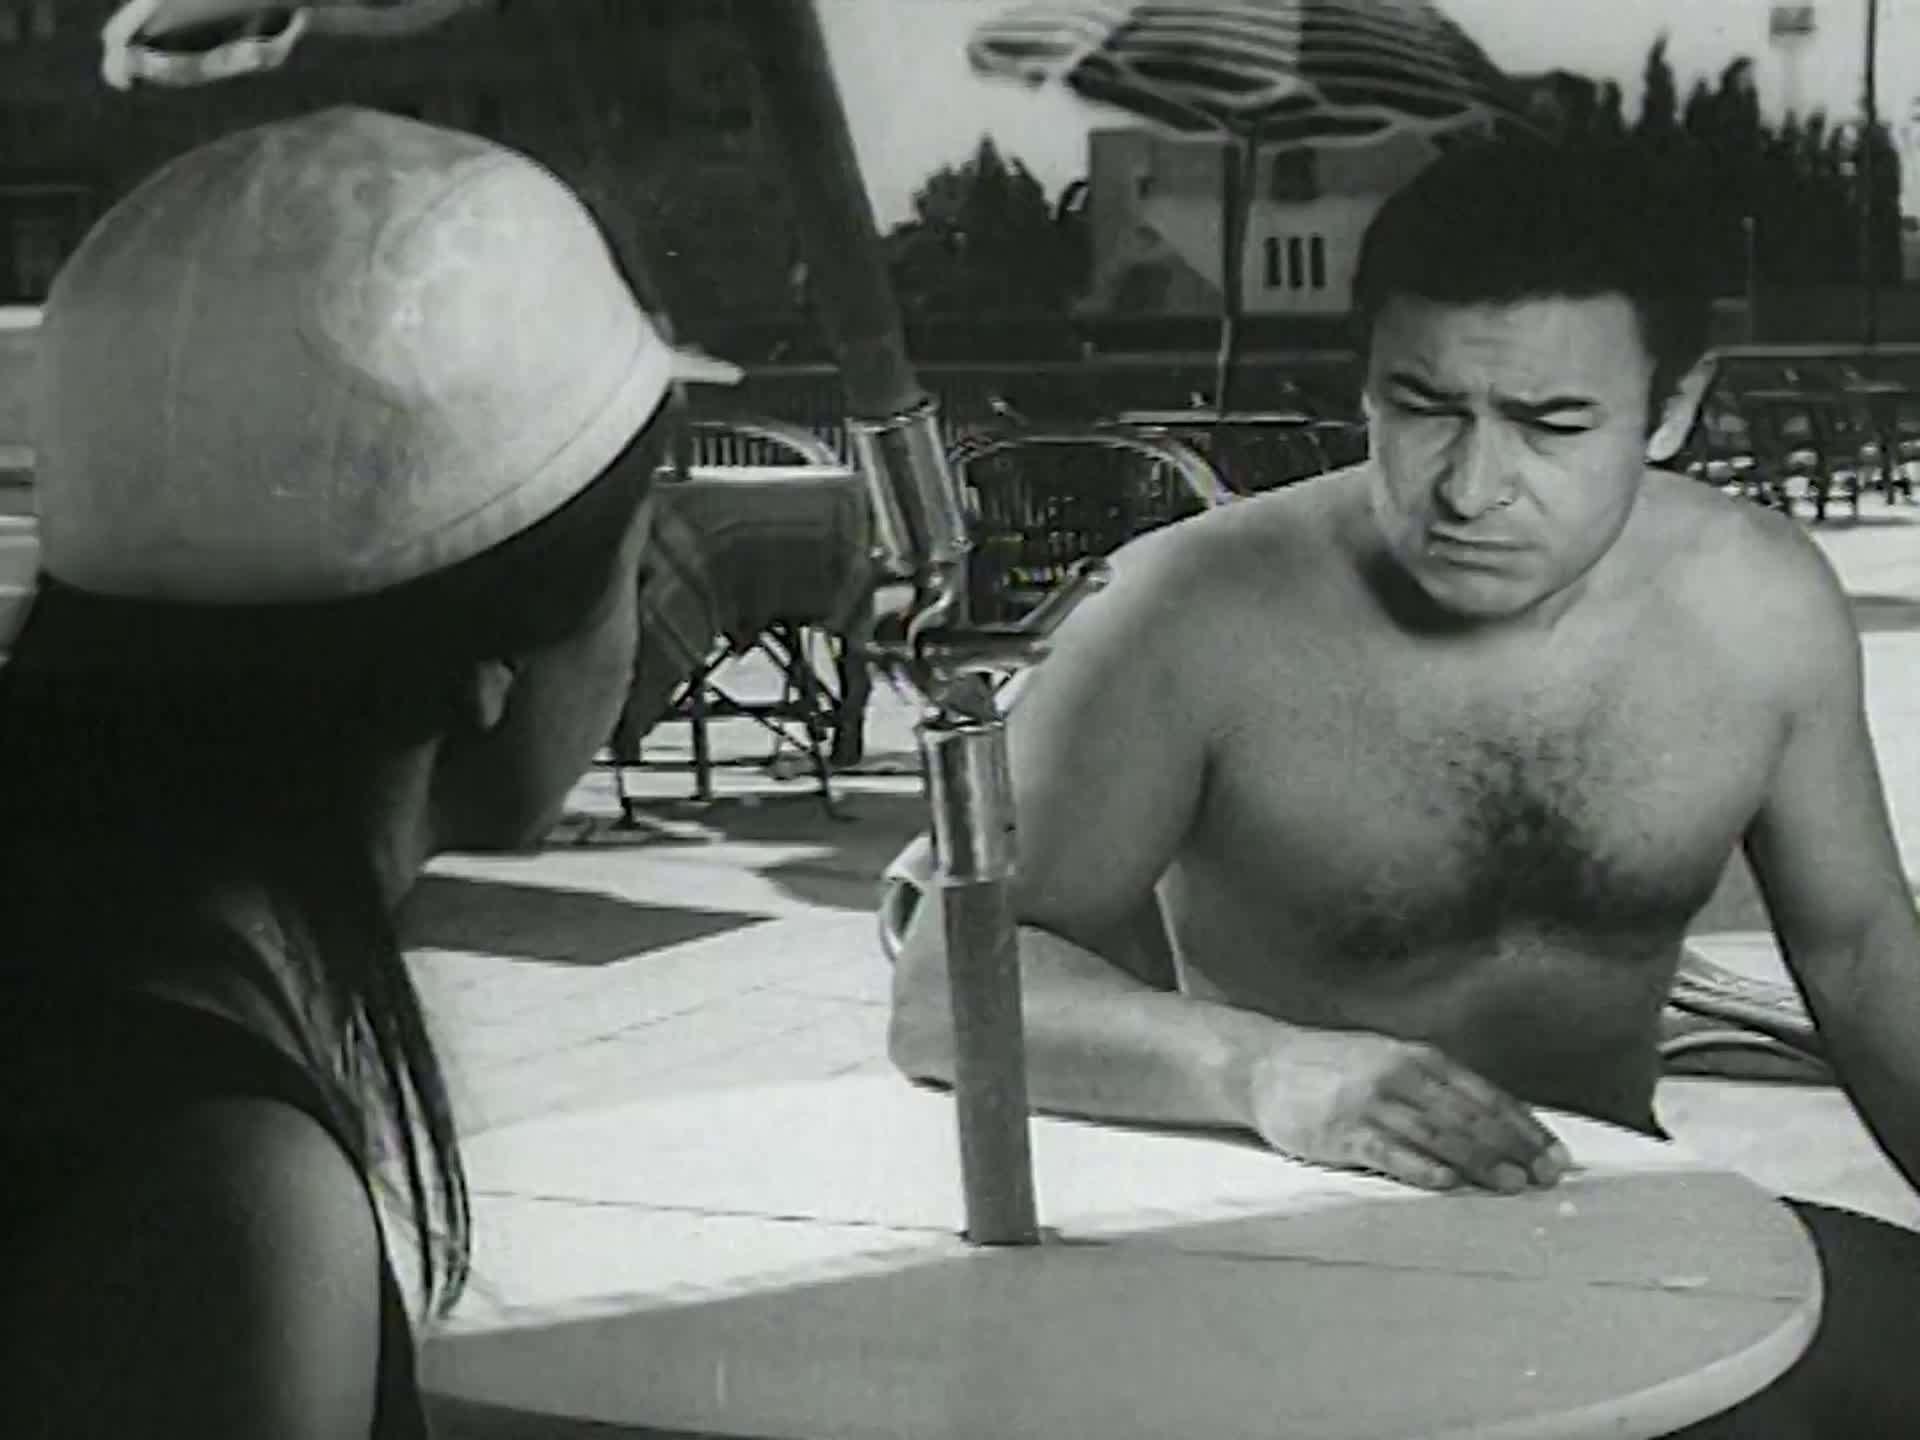 [فيلم][تورنت][تحميل][حواء والقرد][1968][1080p][Web-DL] 10 arabp2p.com